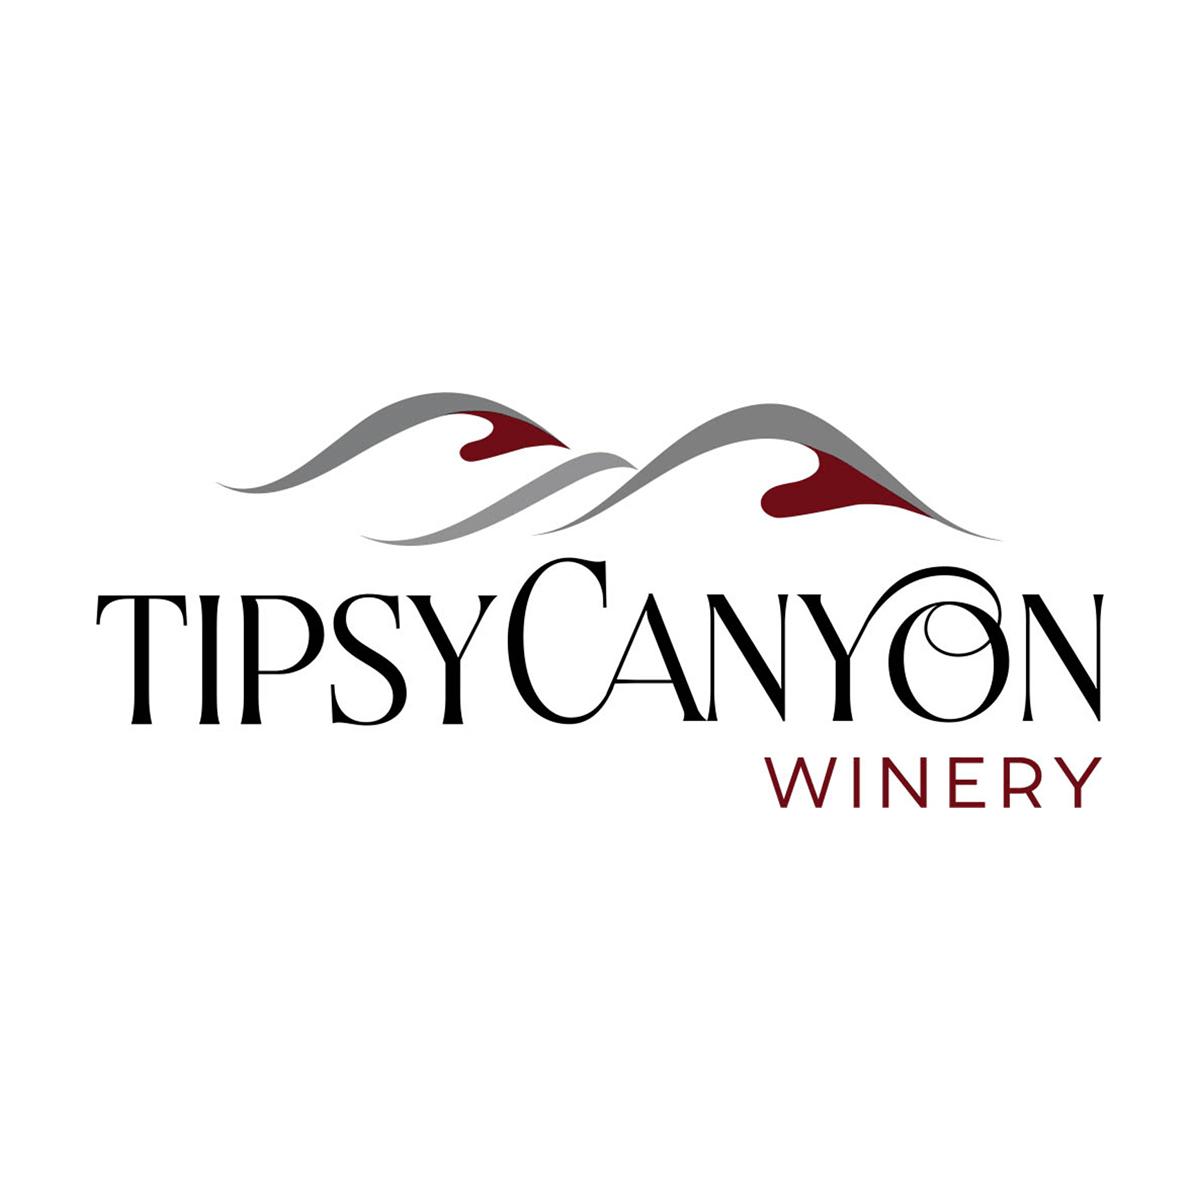 Tipsy Canyon Winery logo